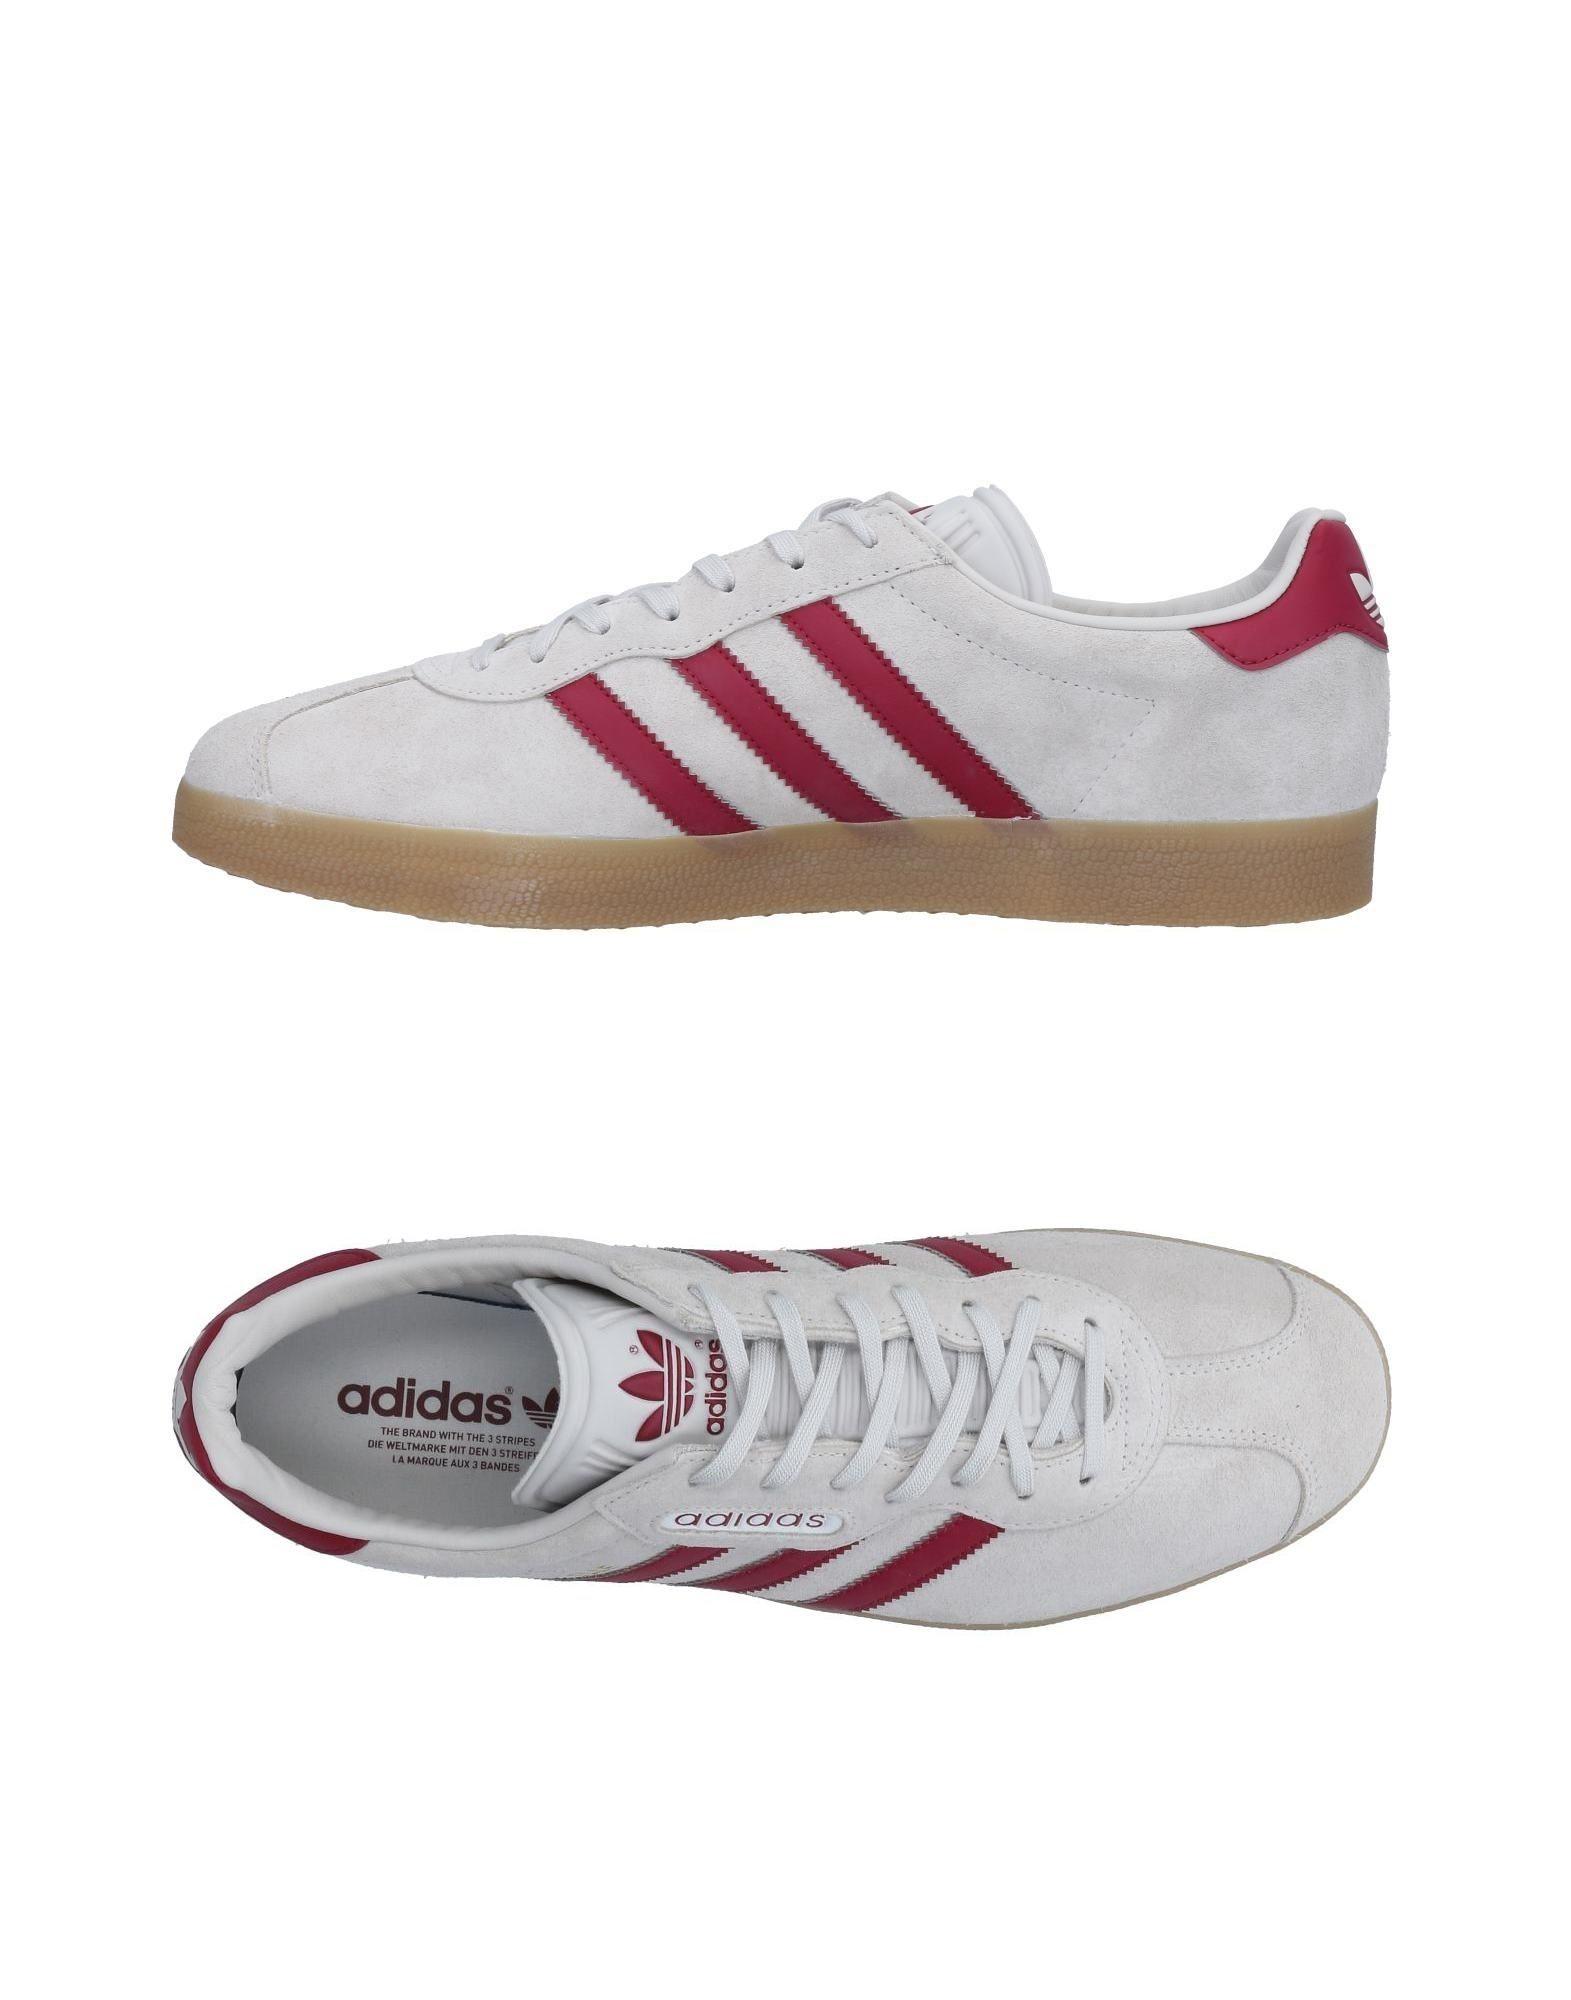 Adidas Originals Sneakers - Men Adidas  Originals Sneakers online on  Adidas Canada - 11490378MN 33dfcf